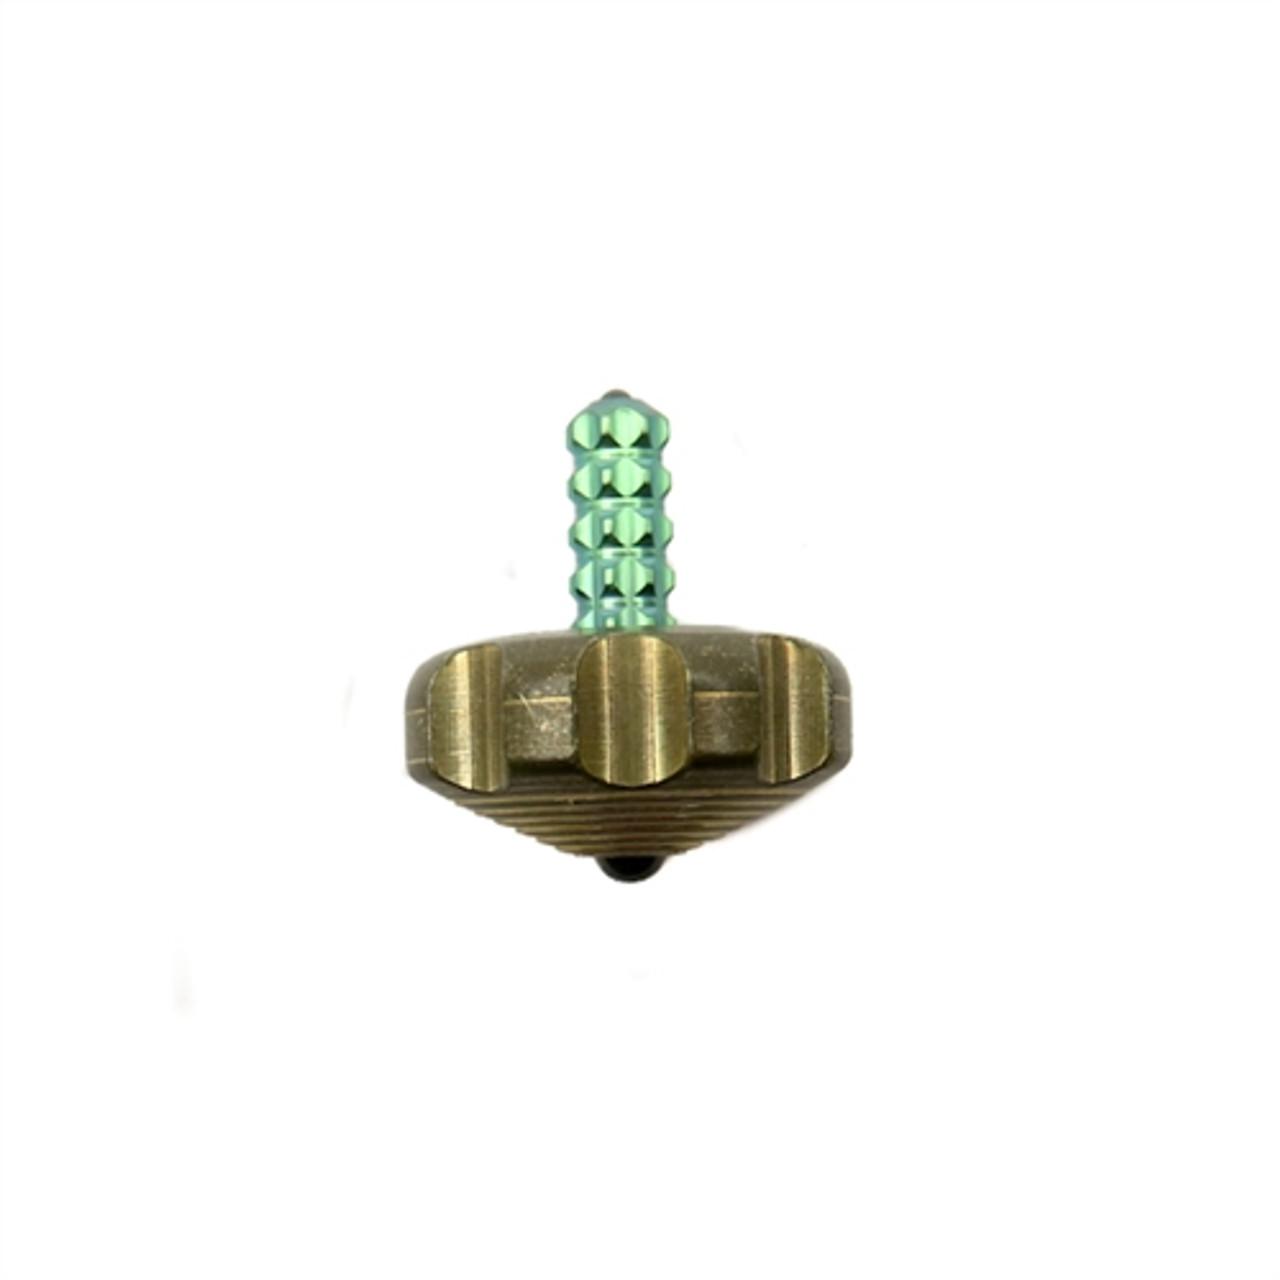 Marfione Custom Knives Brass Mini Spin Top, Green Titanium Stem